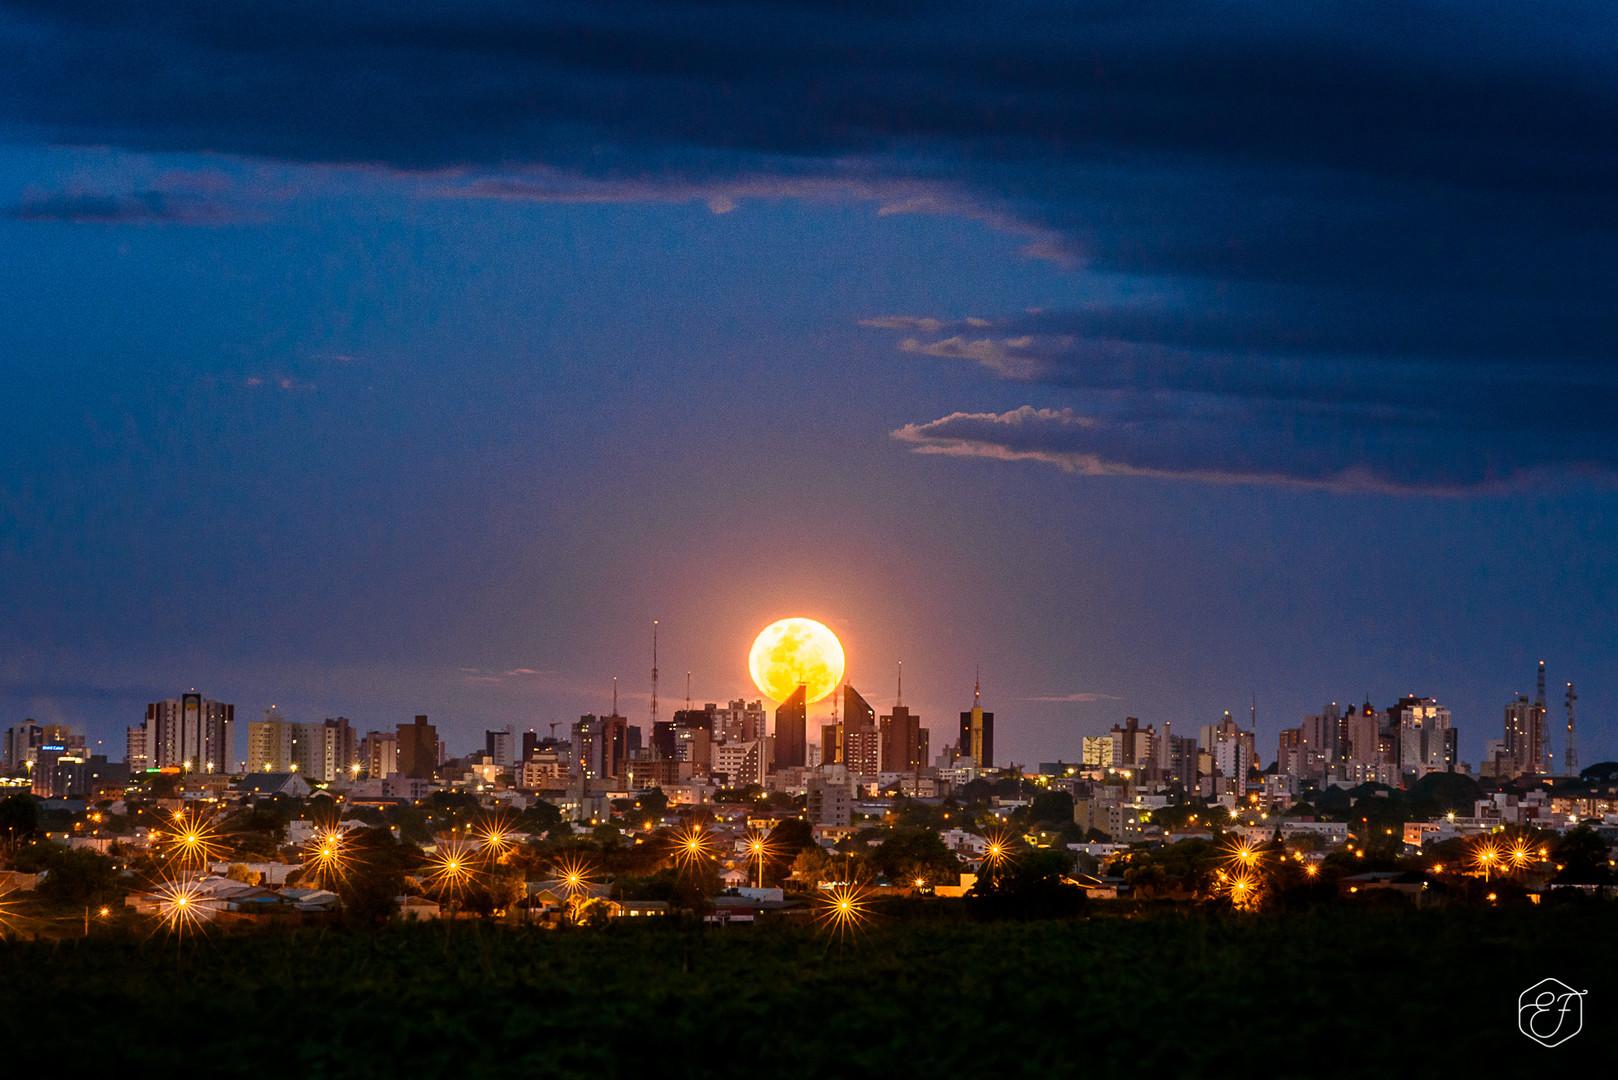 Imagem capa - A SUPER LUA EM CASCAVEL - PR por Edu Freire